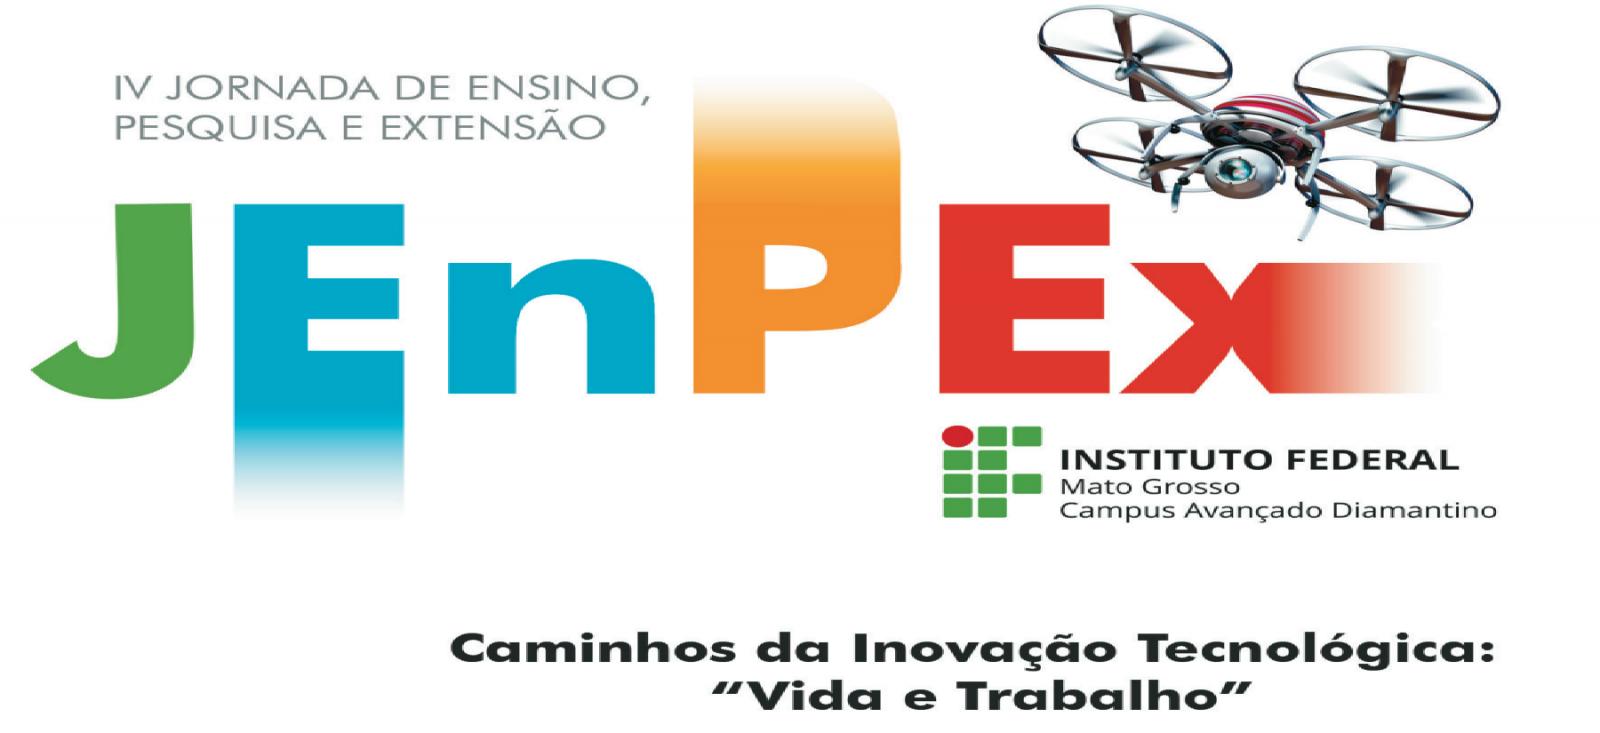 """IV Jornada de Pesquisa, Ensino e Extensão """"Caminhos da inovação tecnológica: vida e trabalho"""""""